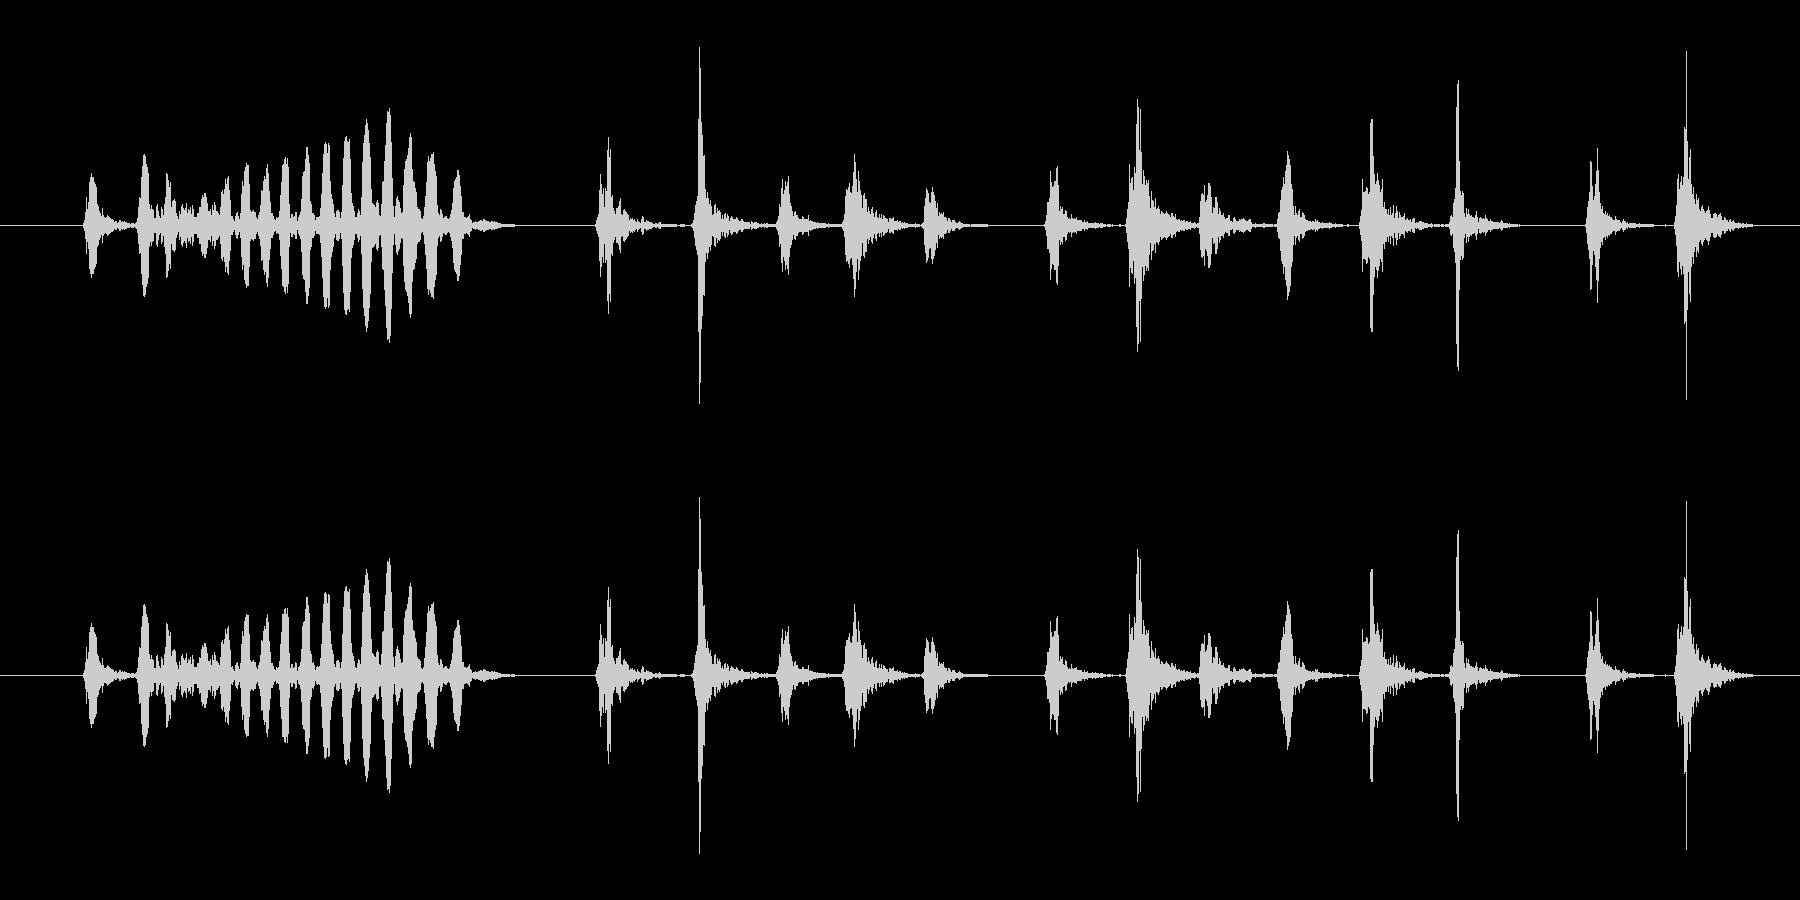 ピッ、ピルルルルル_うぐいすの鳴き声の未再生の波形